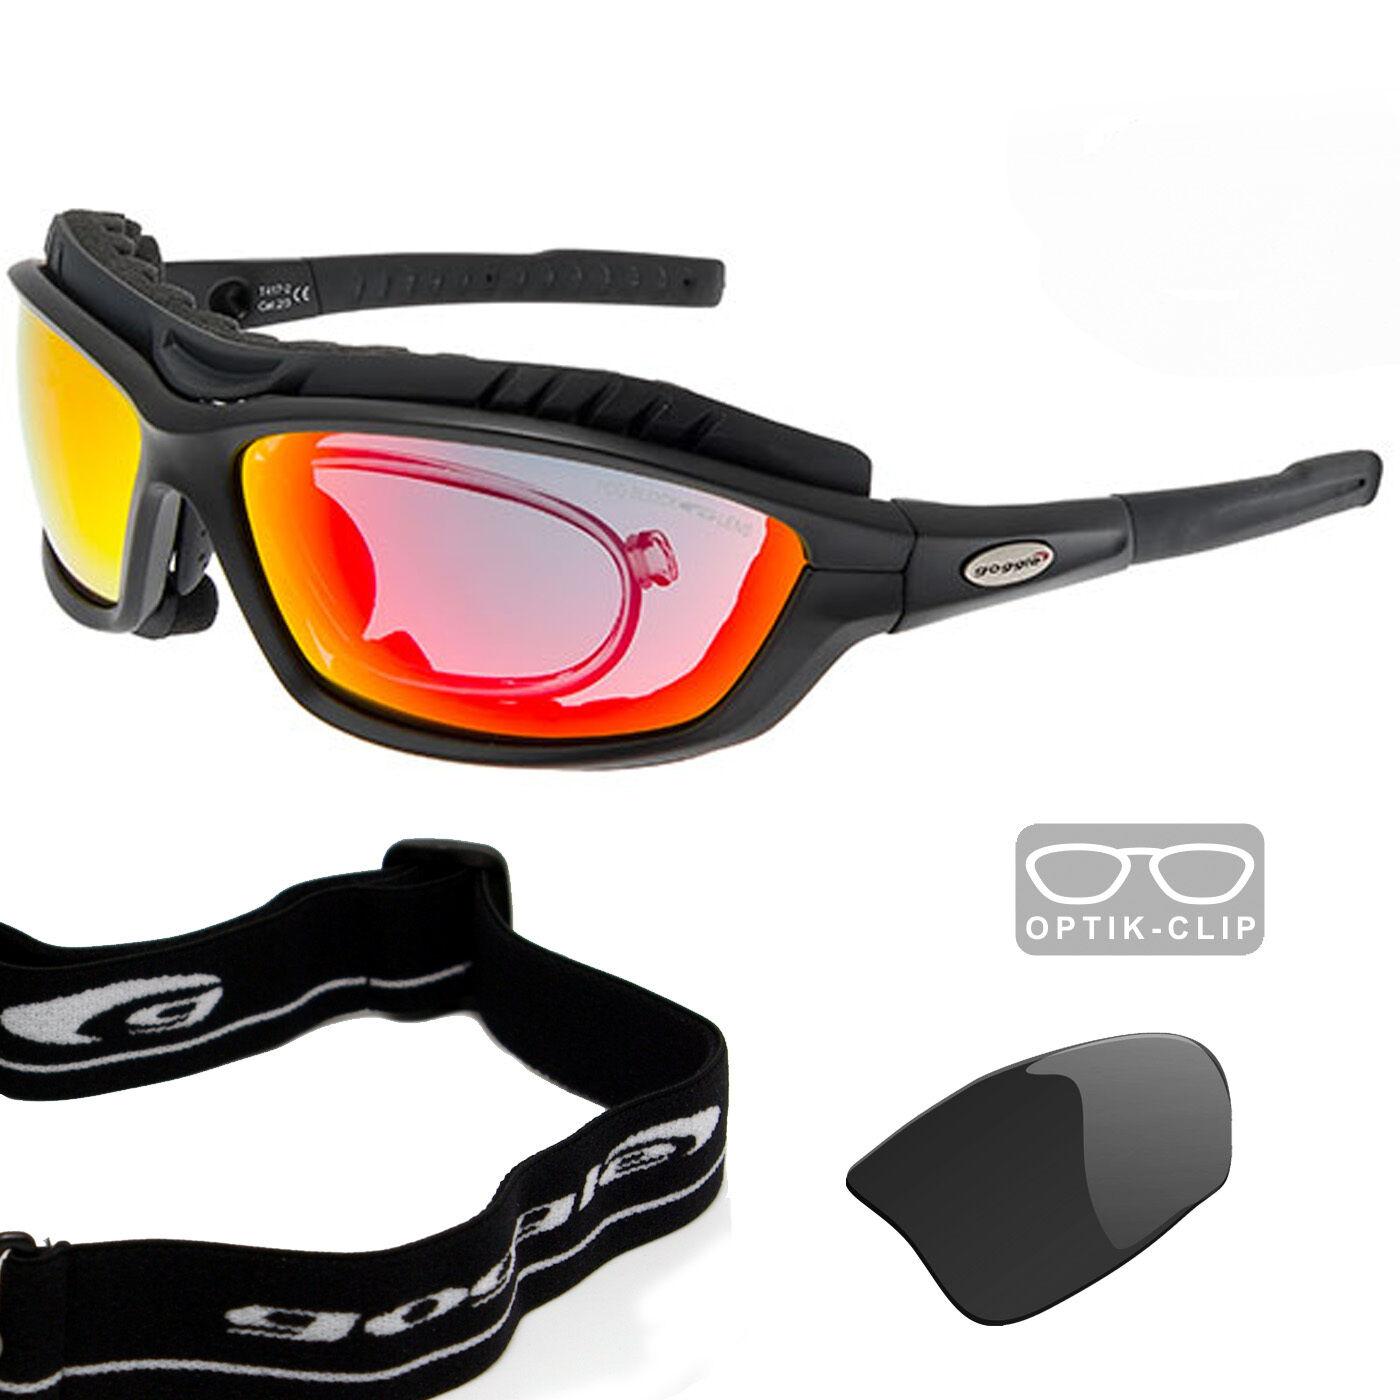 Materie Sport Oc ali da sci, per Oc ali travi con otticaClip verglasbar